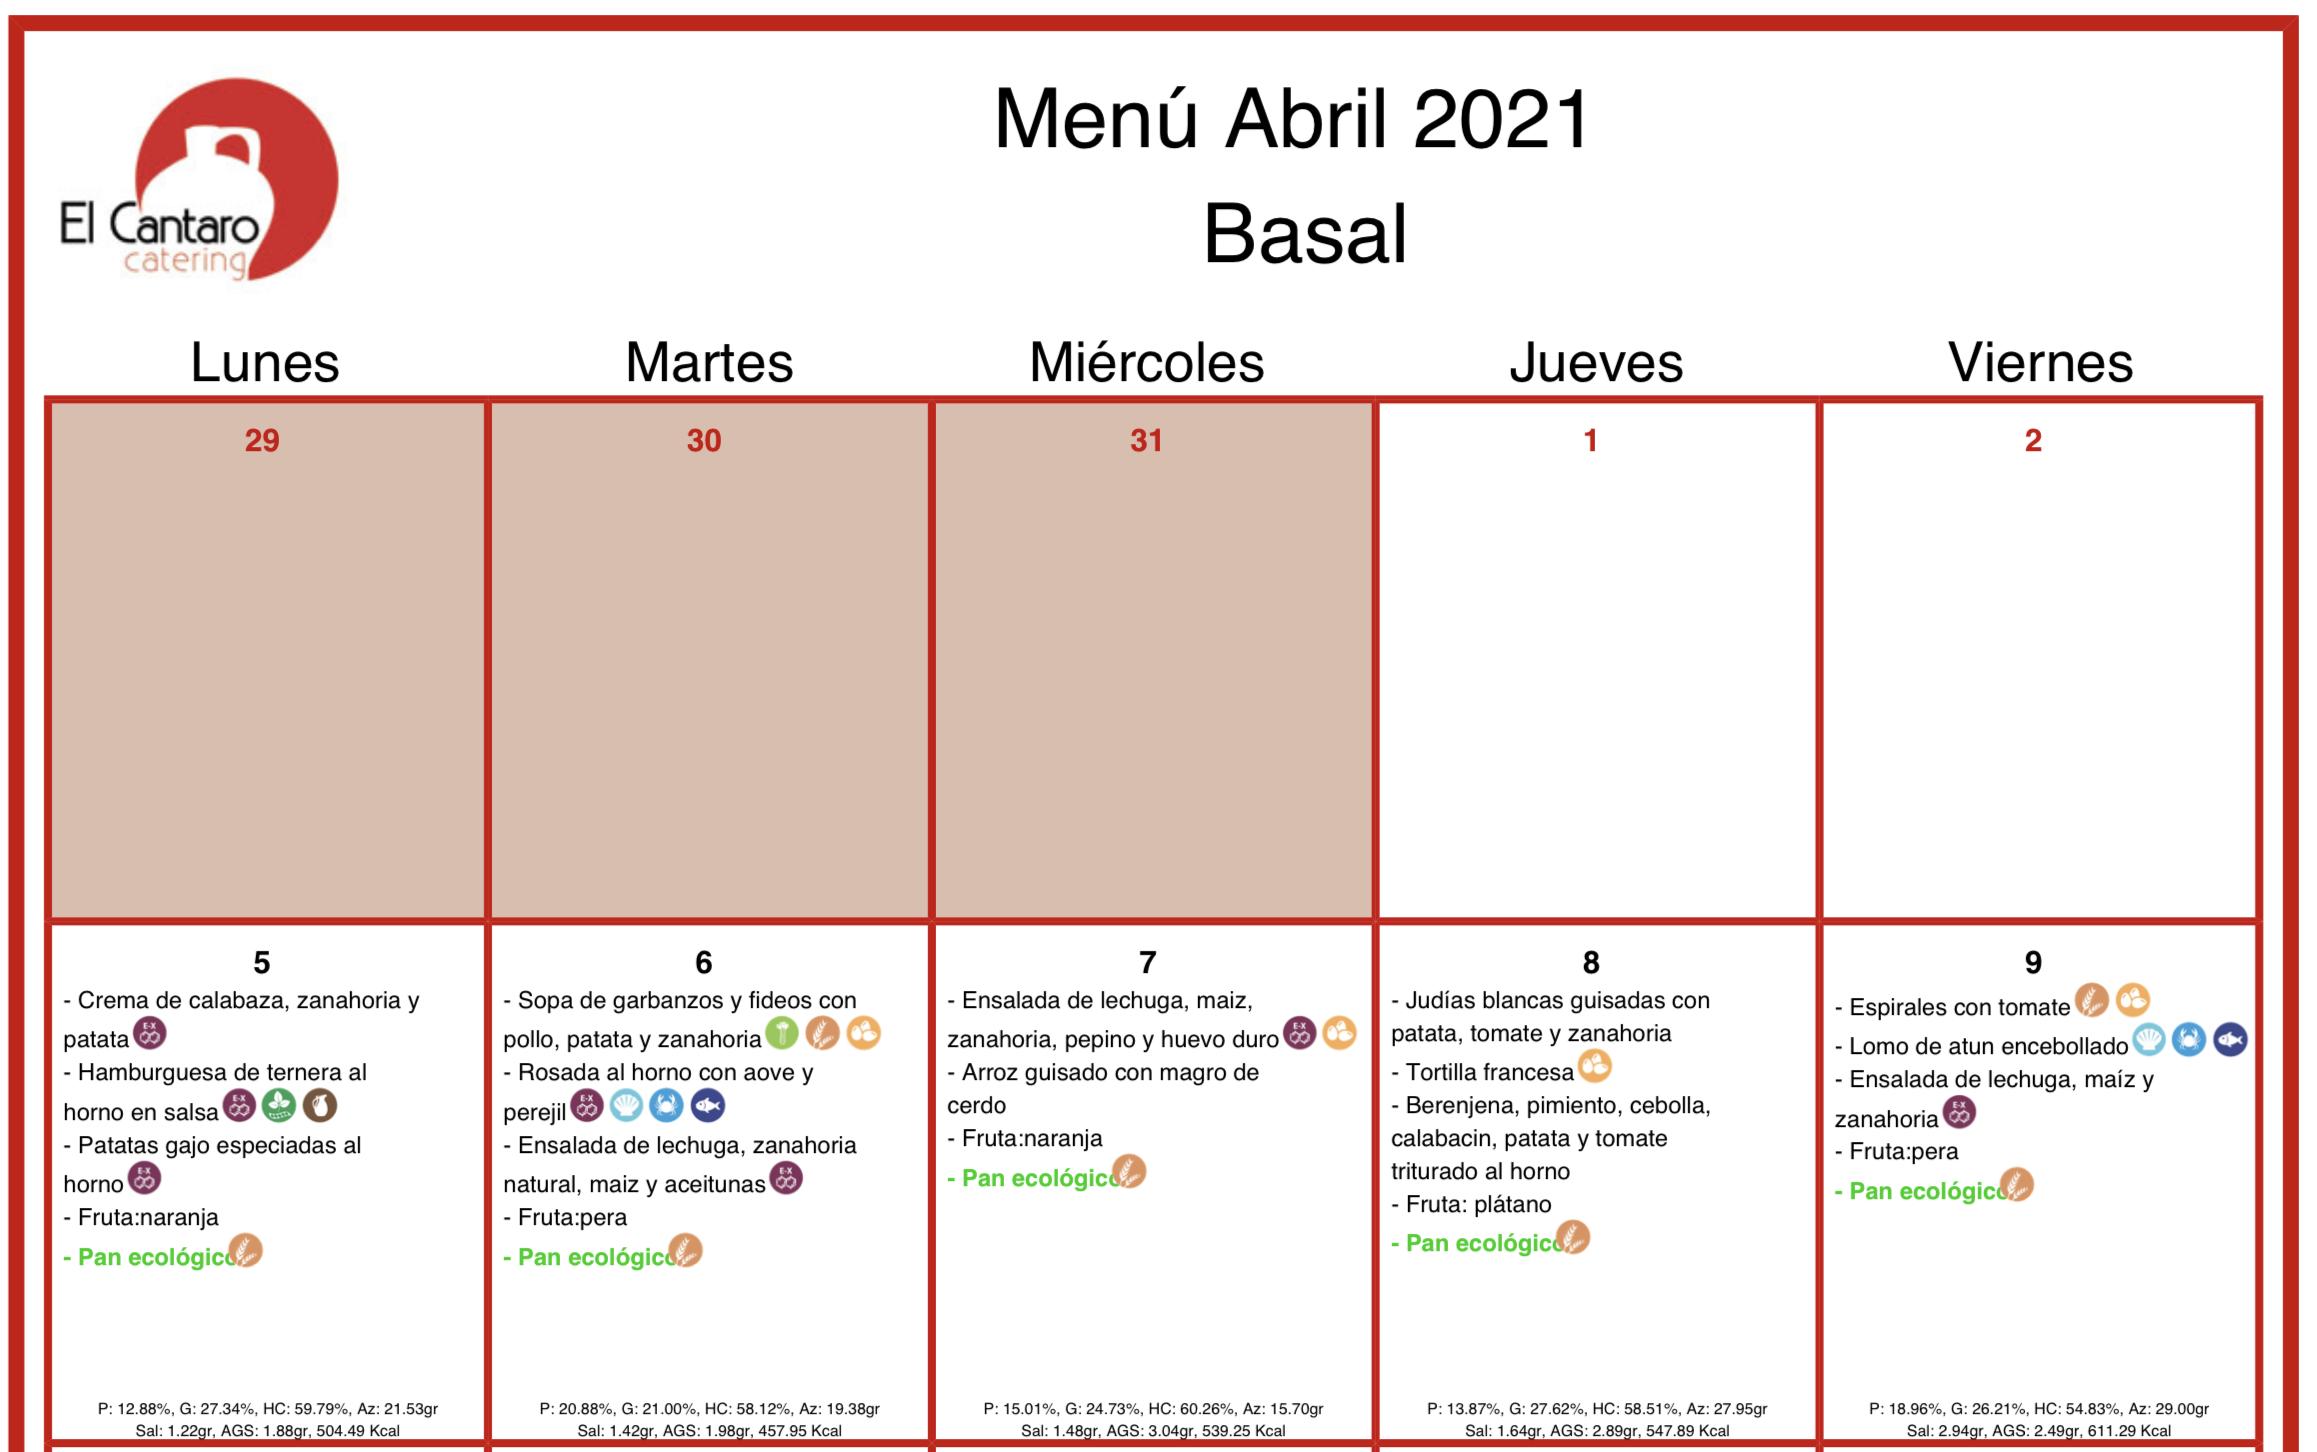 Menú abril 2021